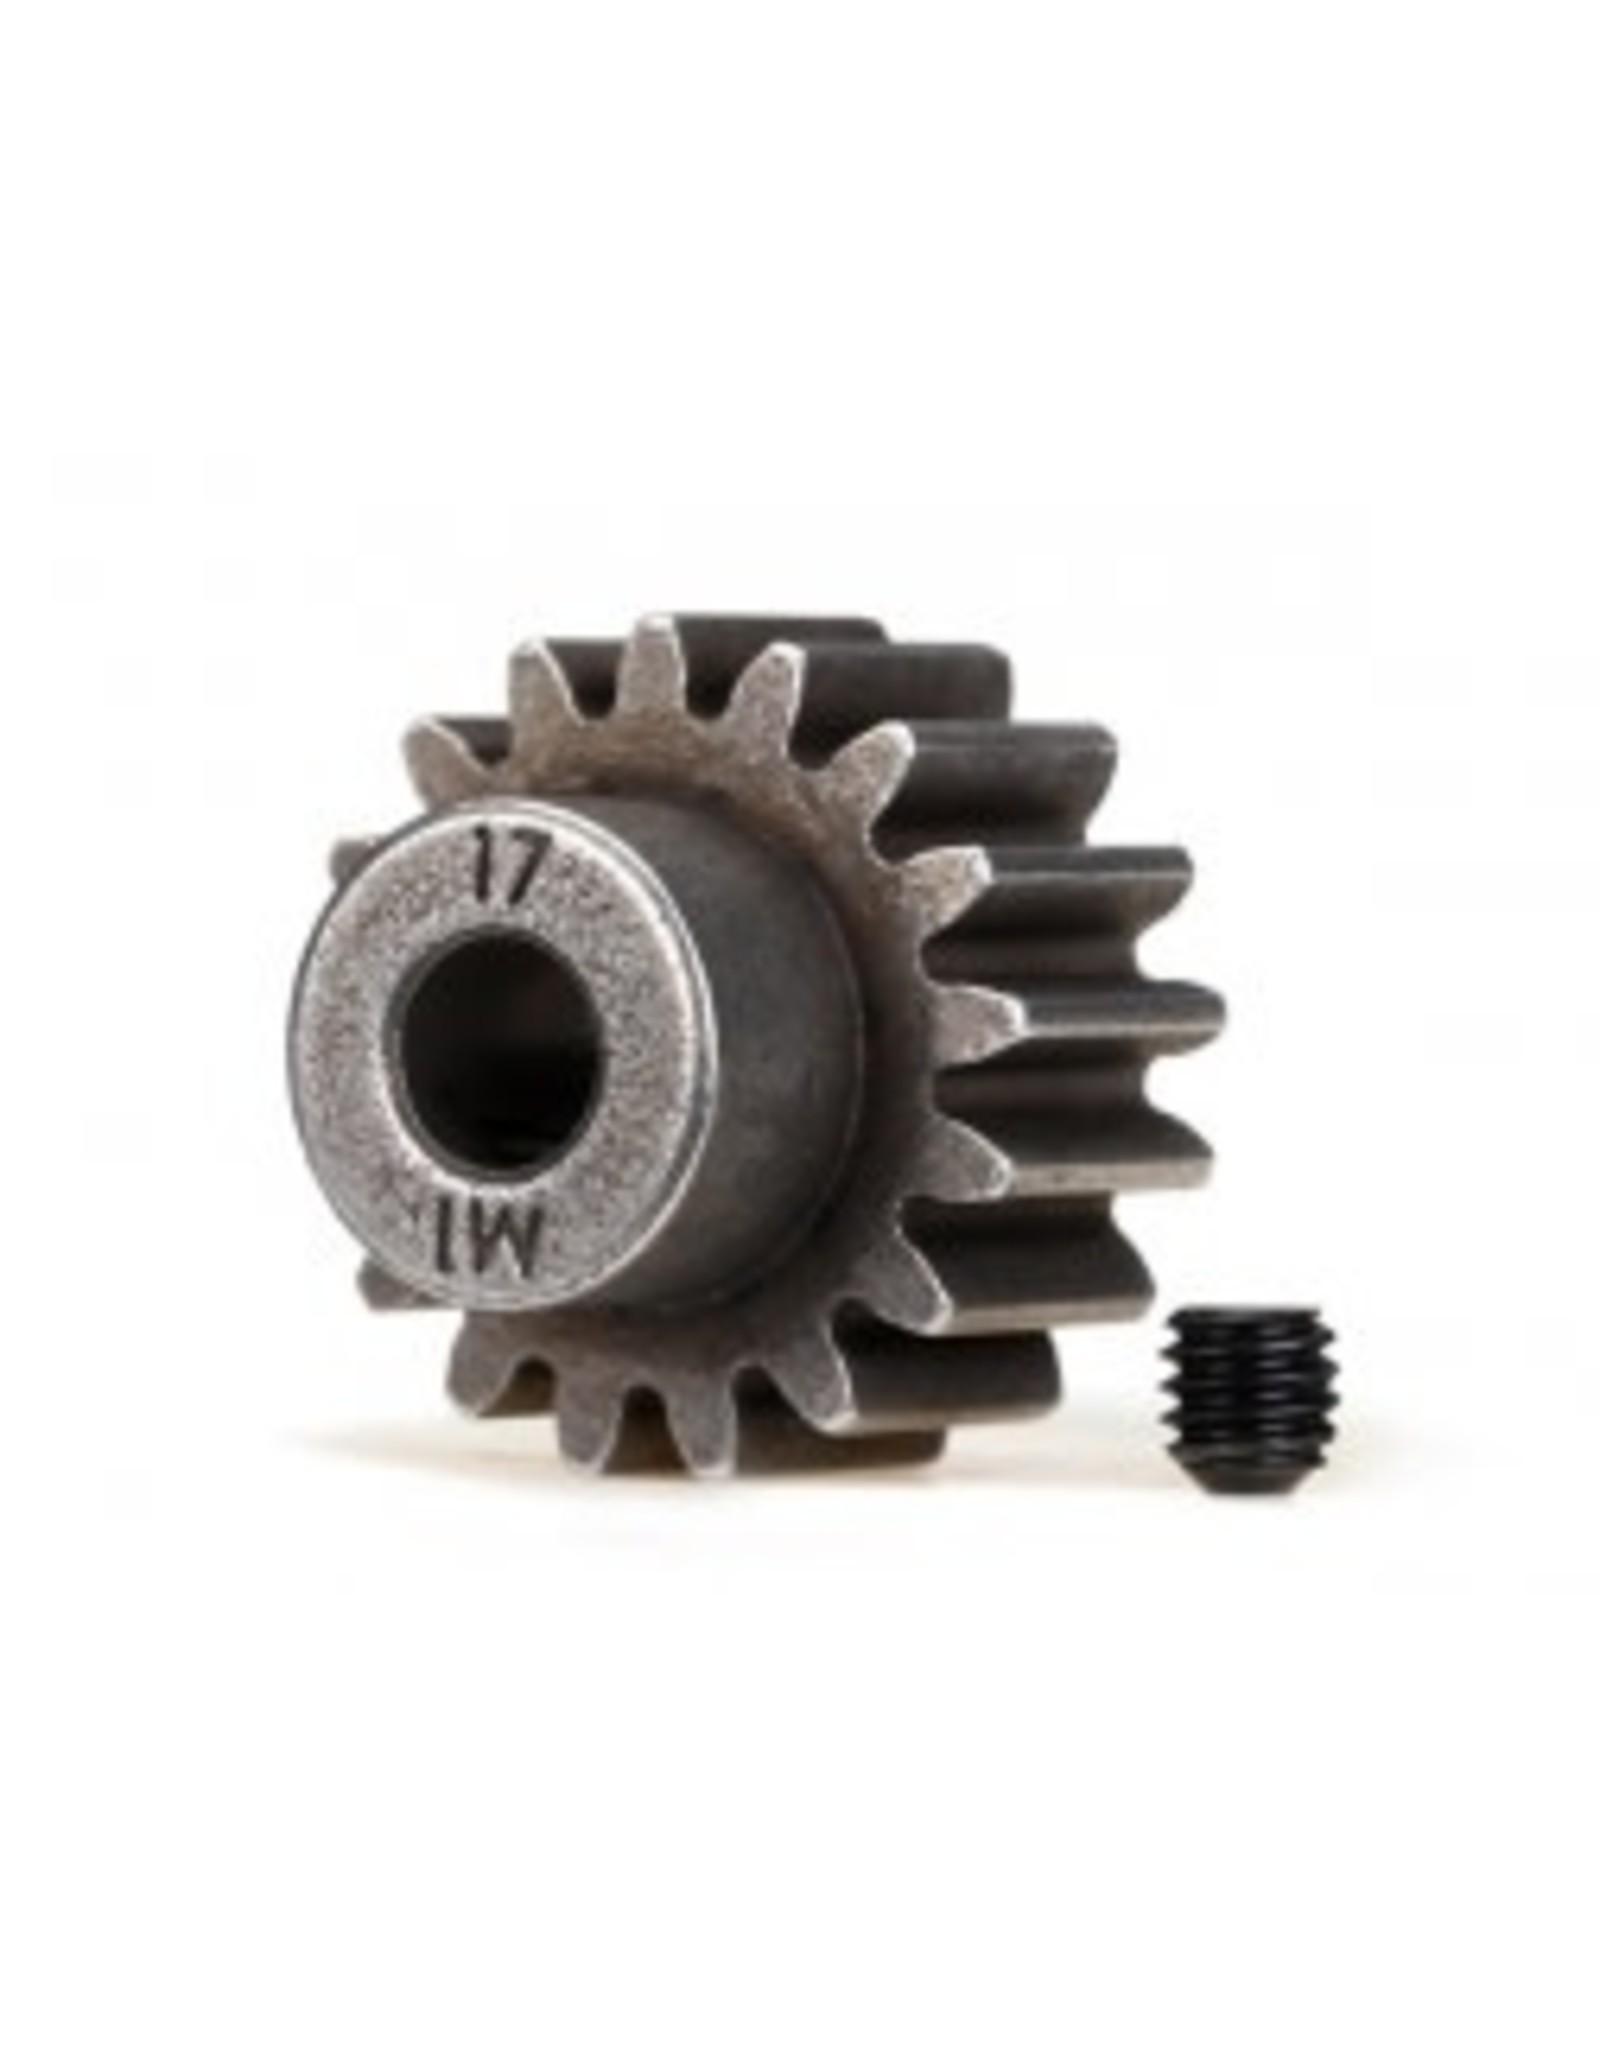 Traxxas Gear Pinion 17T Pinion 1.0 mp